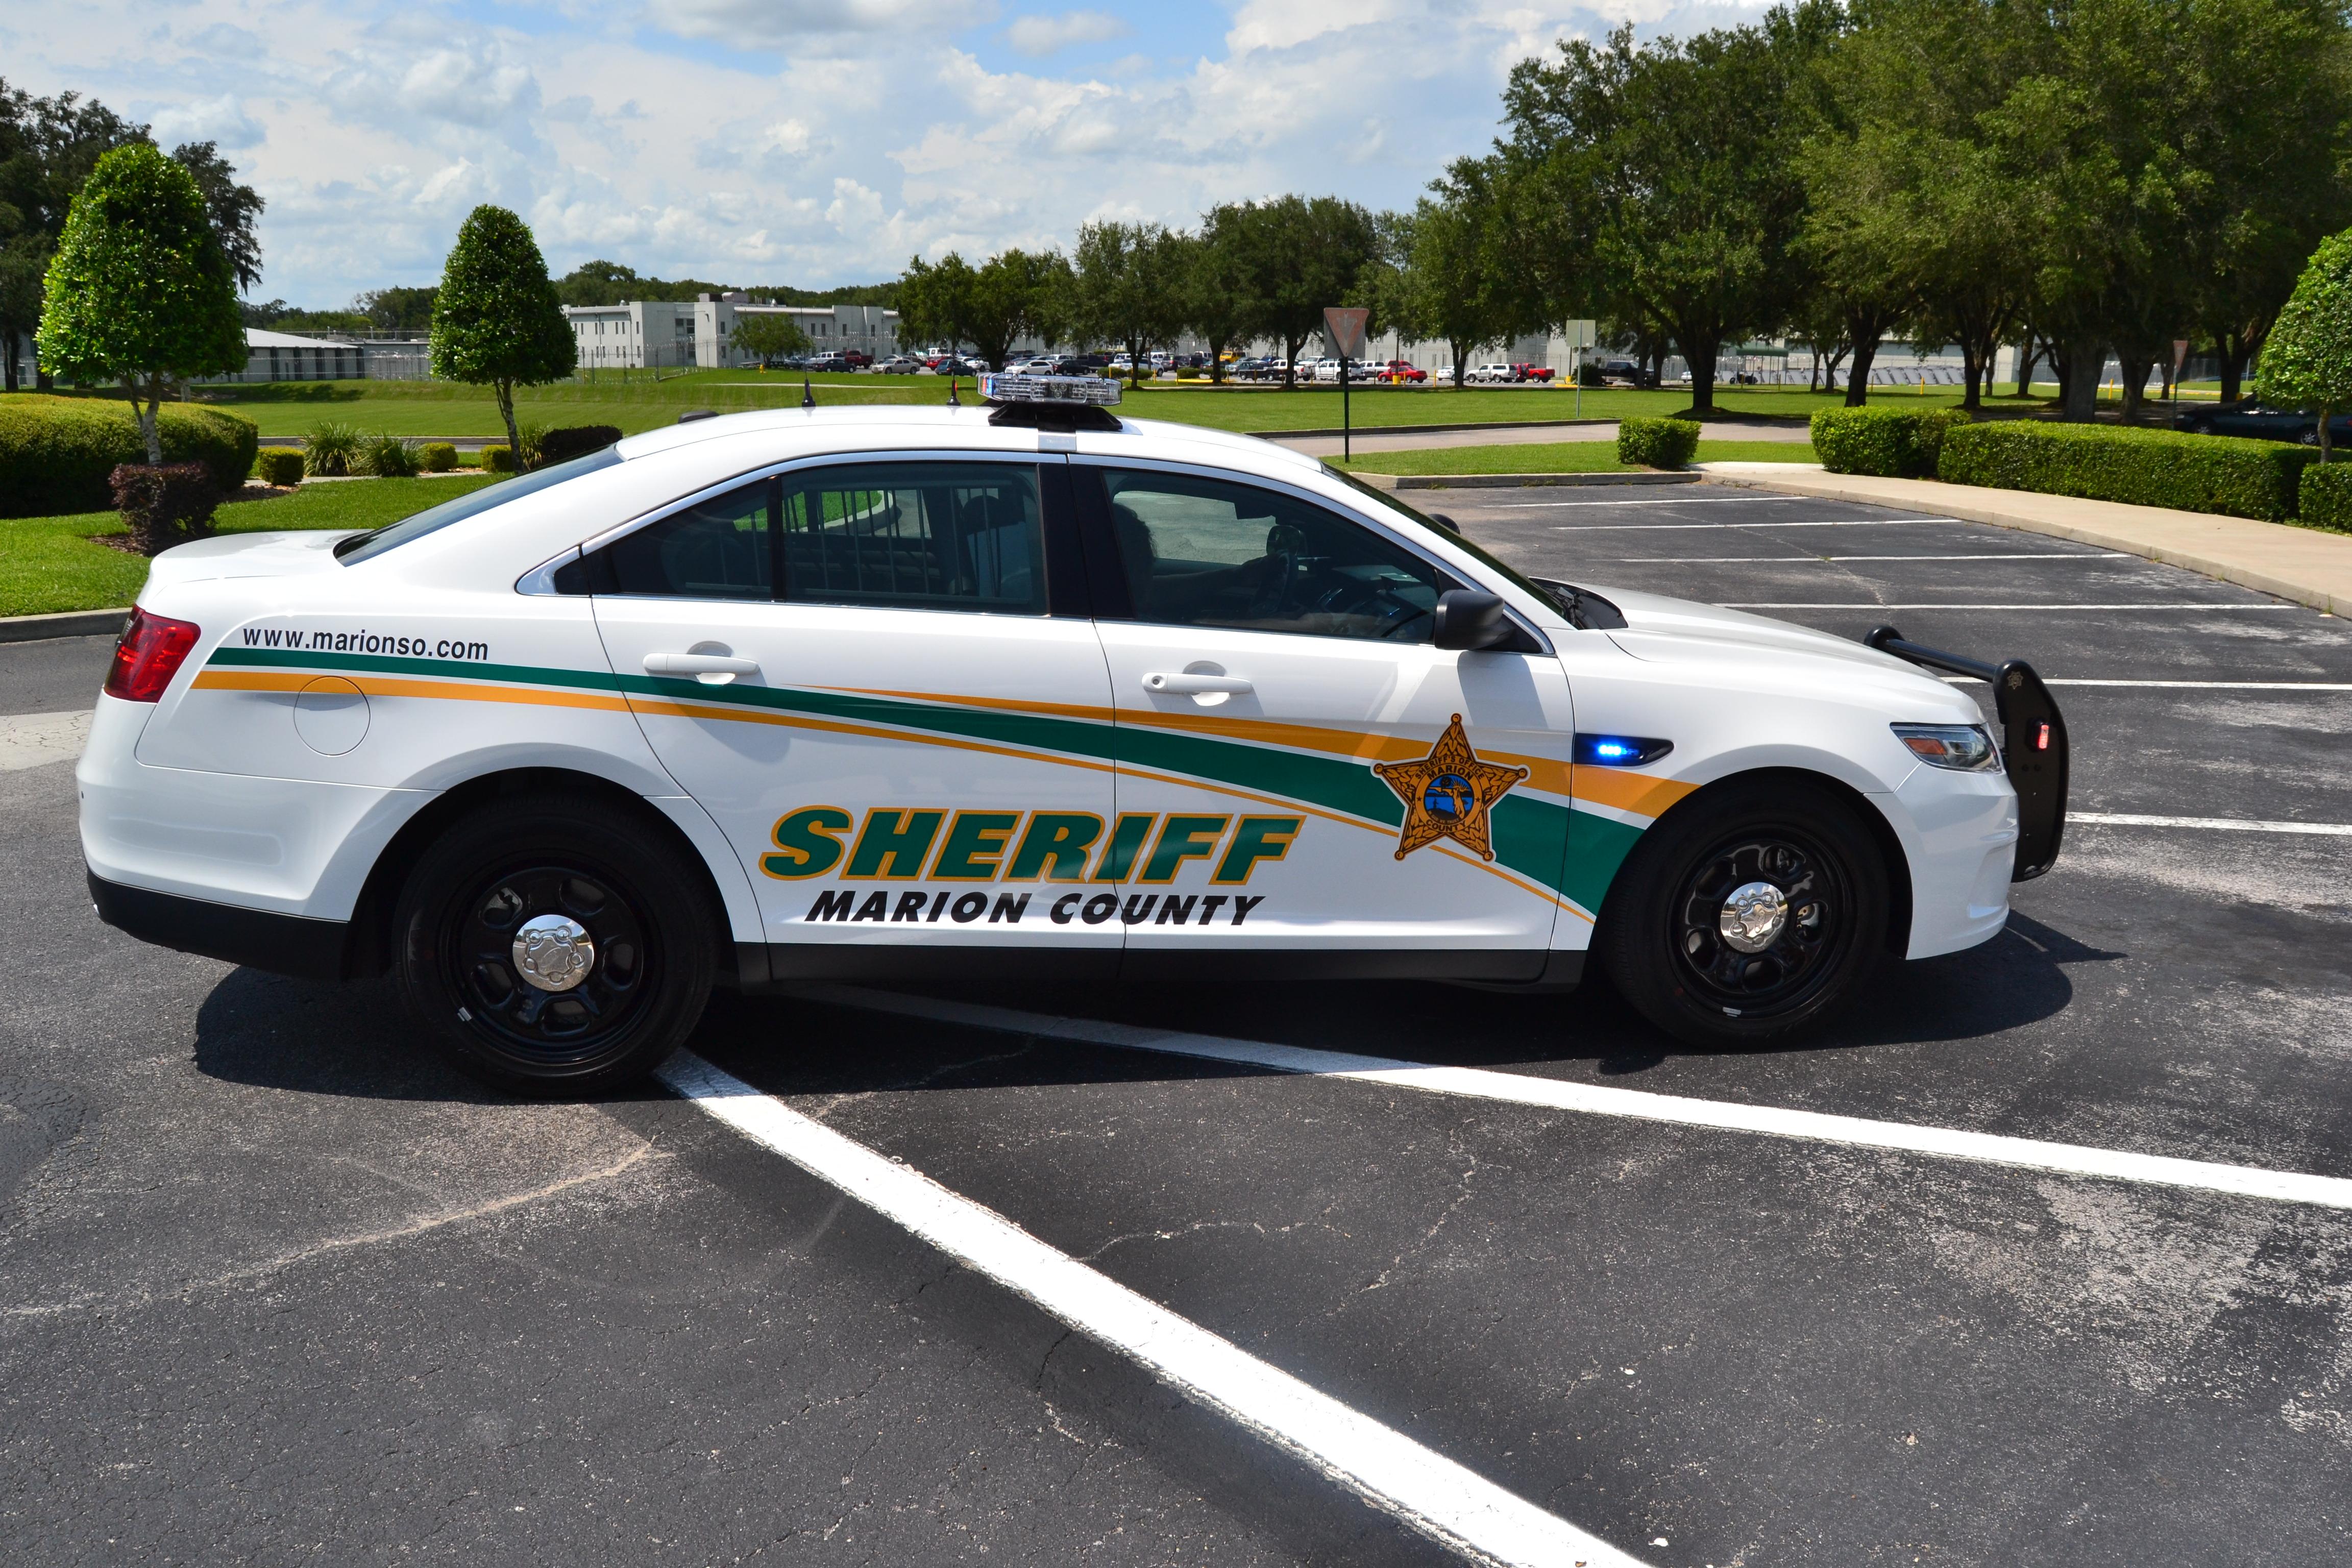 Sheriff S 2017 Ford Police Interceptor Sedan